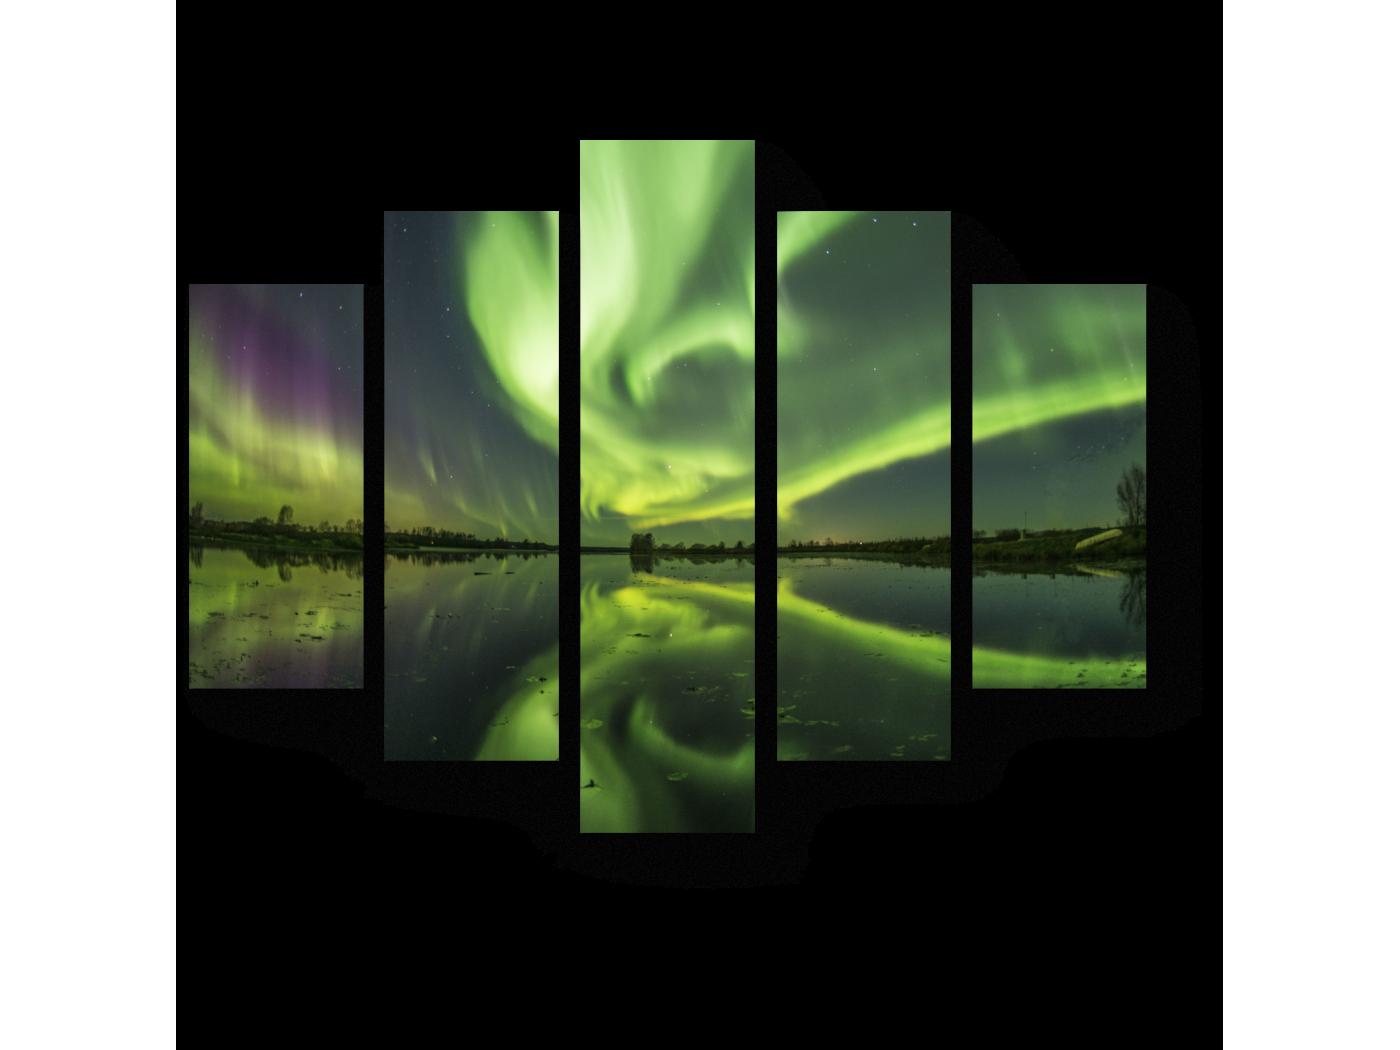 Модульная картина Ночное свечение неба (75x60) фото